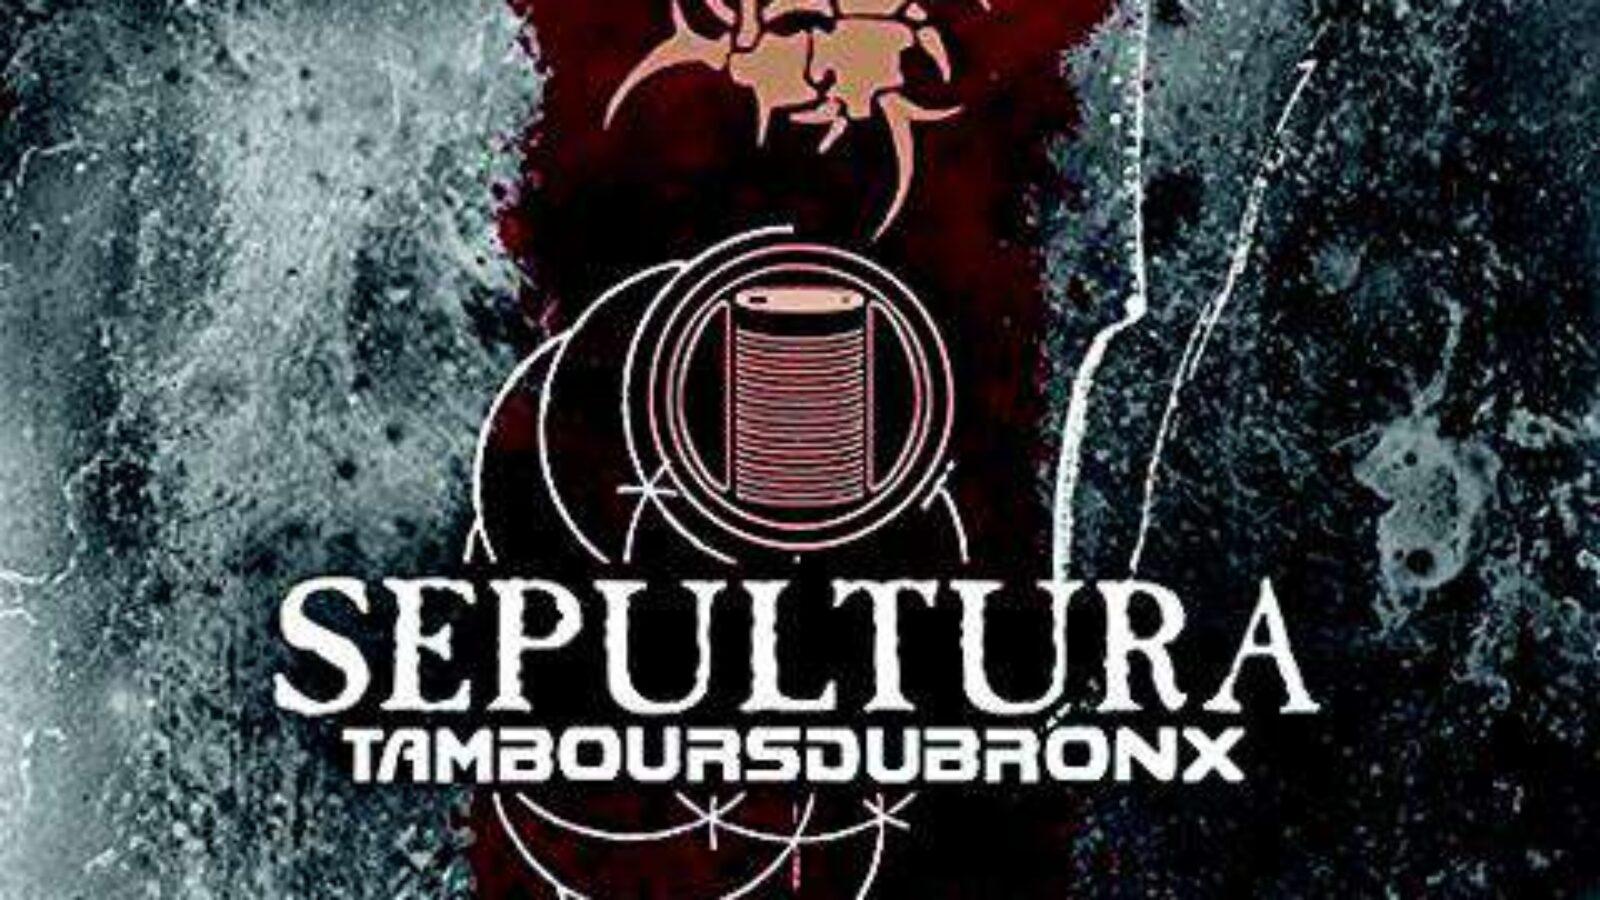 SEPULTURA & LES TAMBOURS DU BRONX – Metal Veins – Alive At Rock In Rio